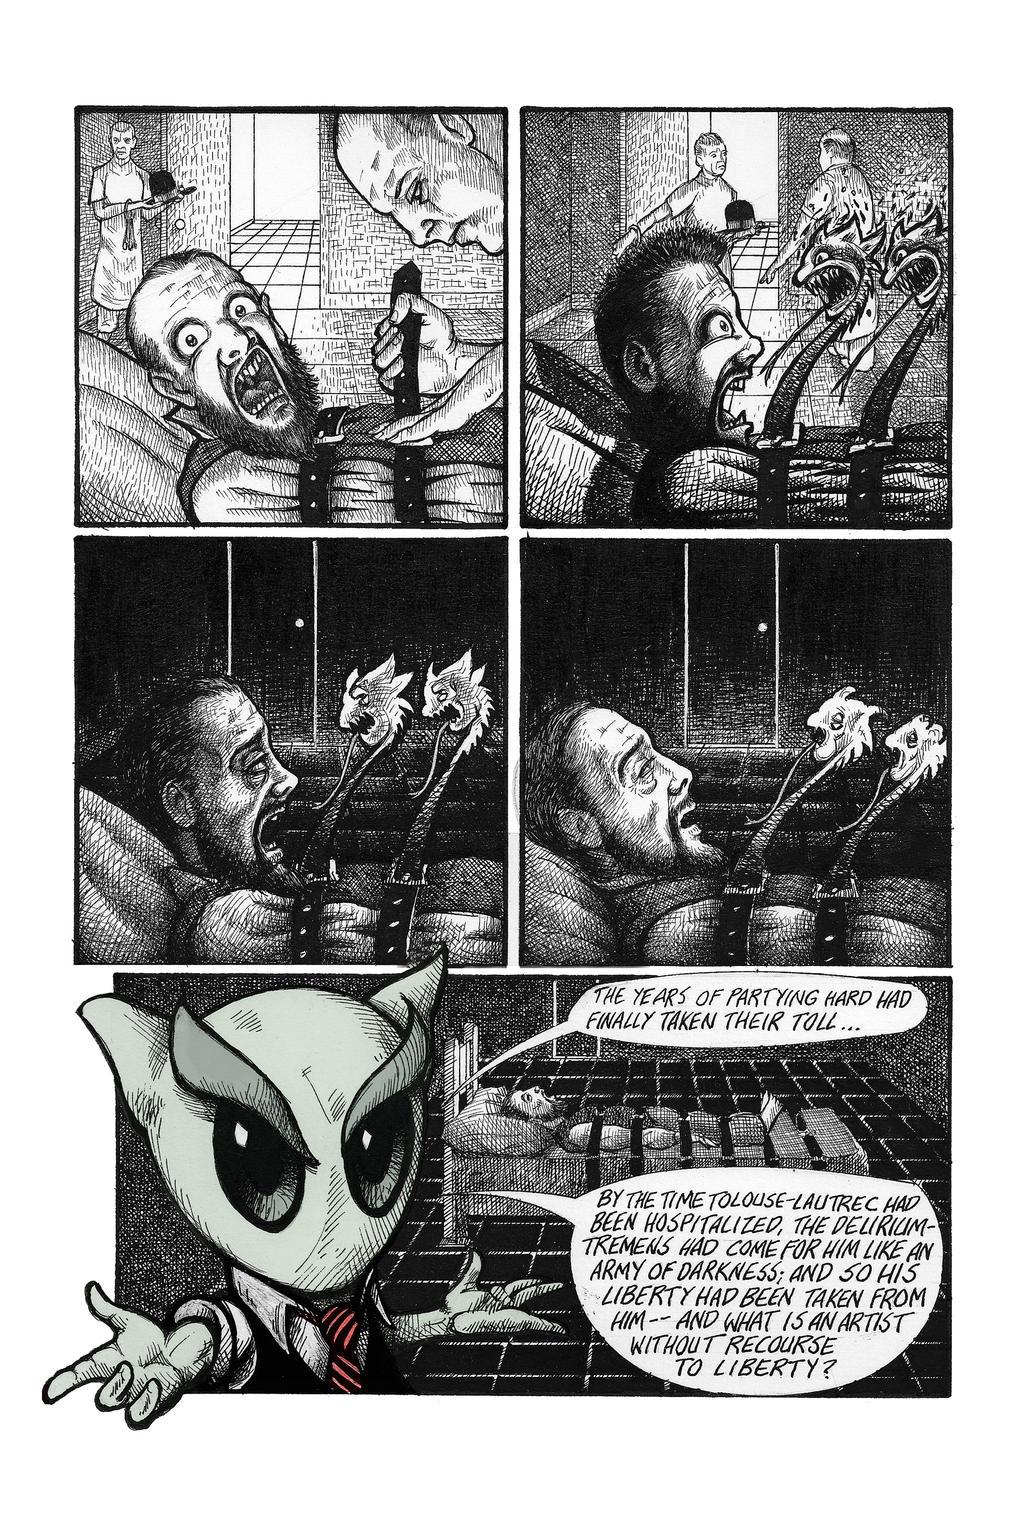 Lautrec Final page 2 by SRaffa